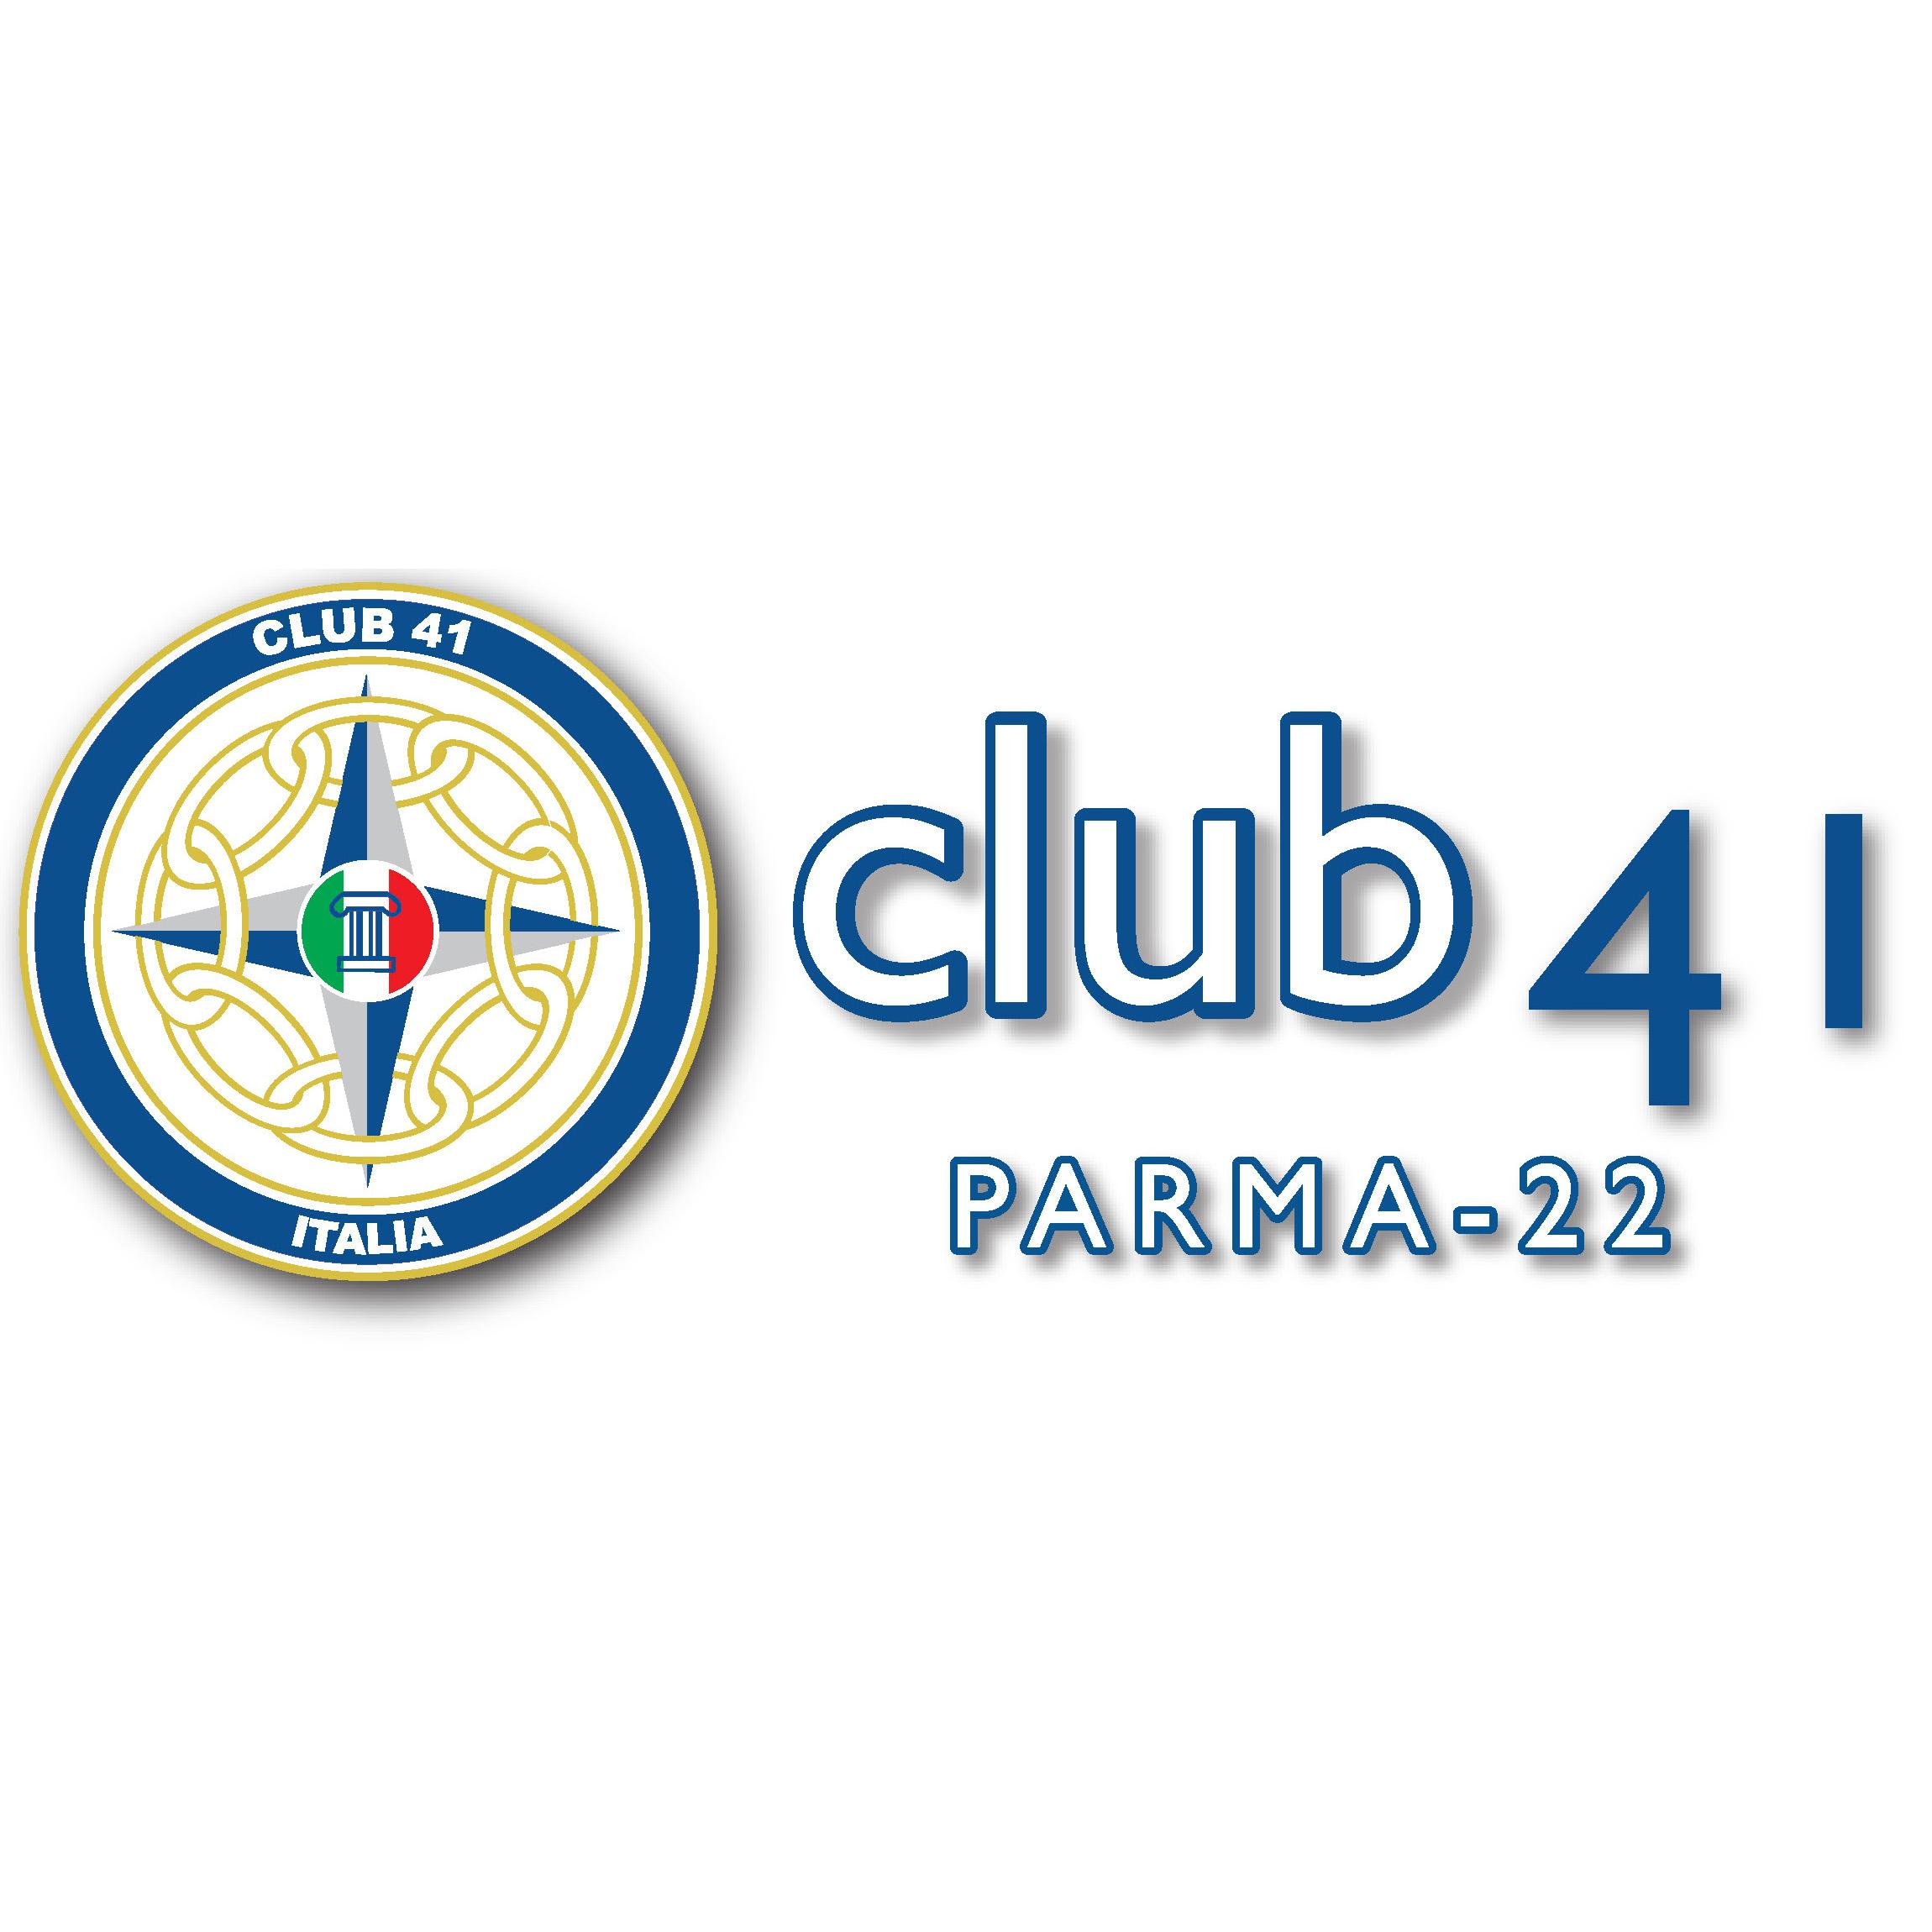 Apertura anno sociale 2019-2020 Parma 22